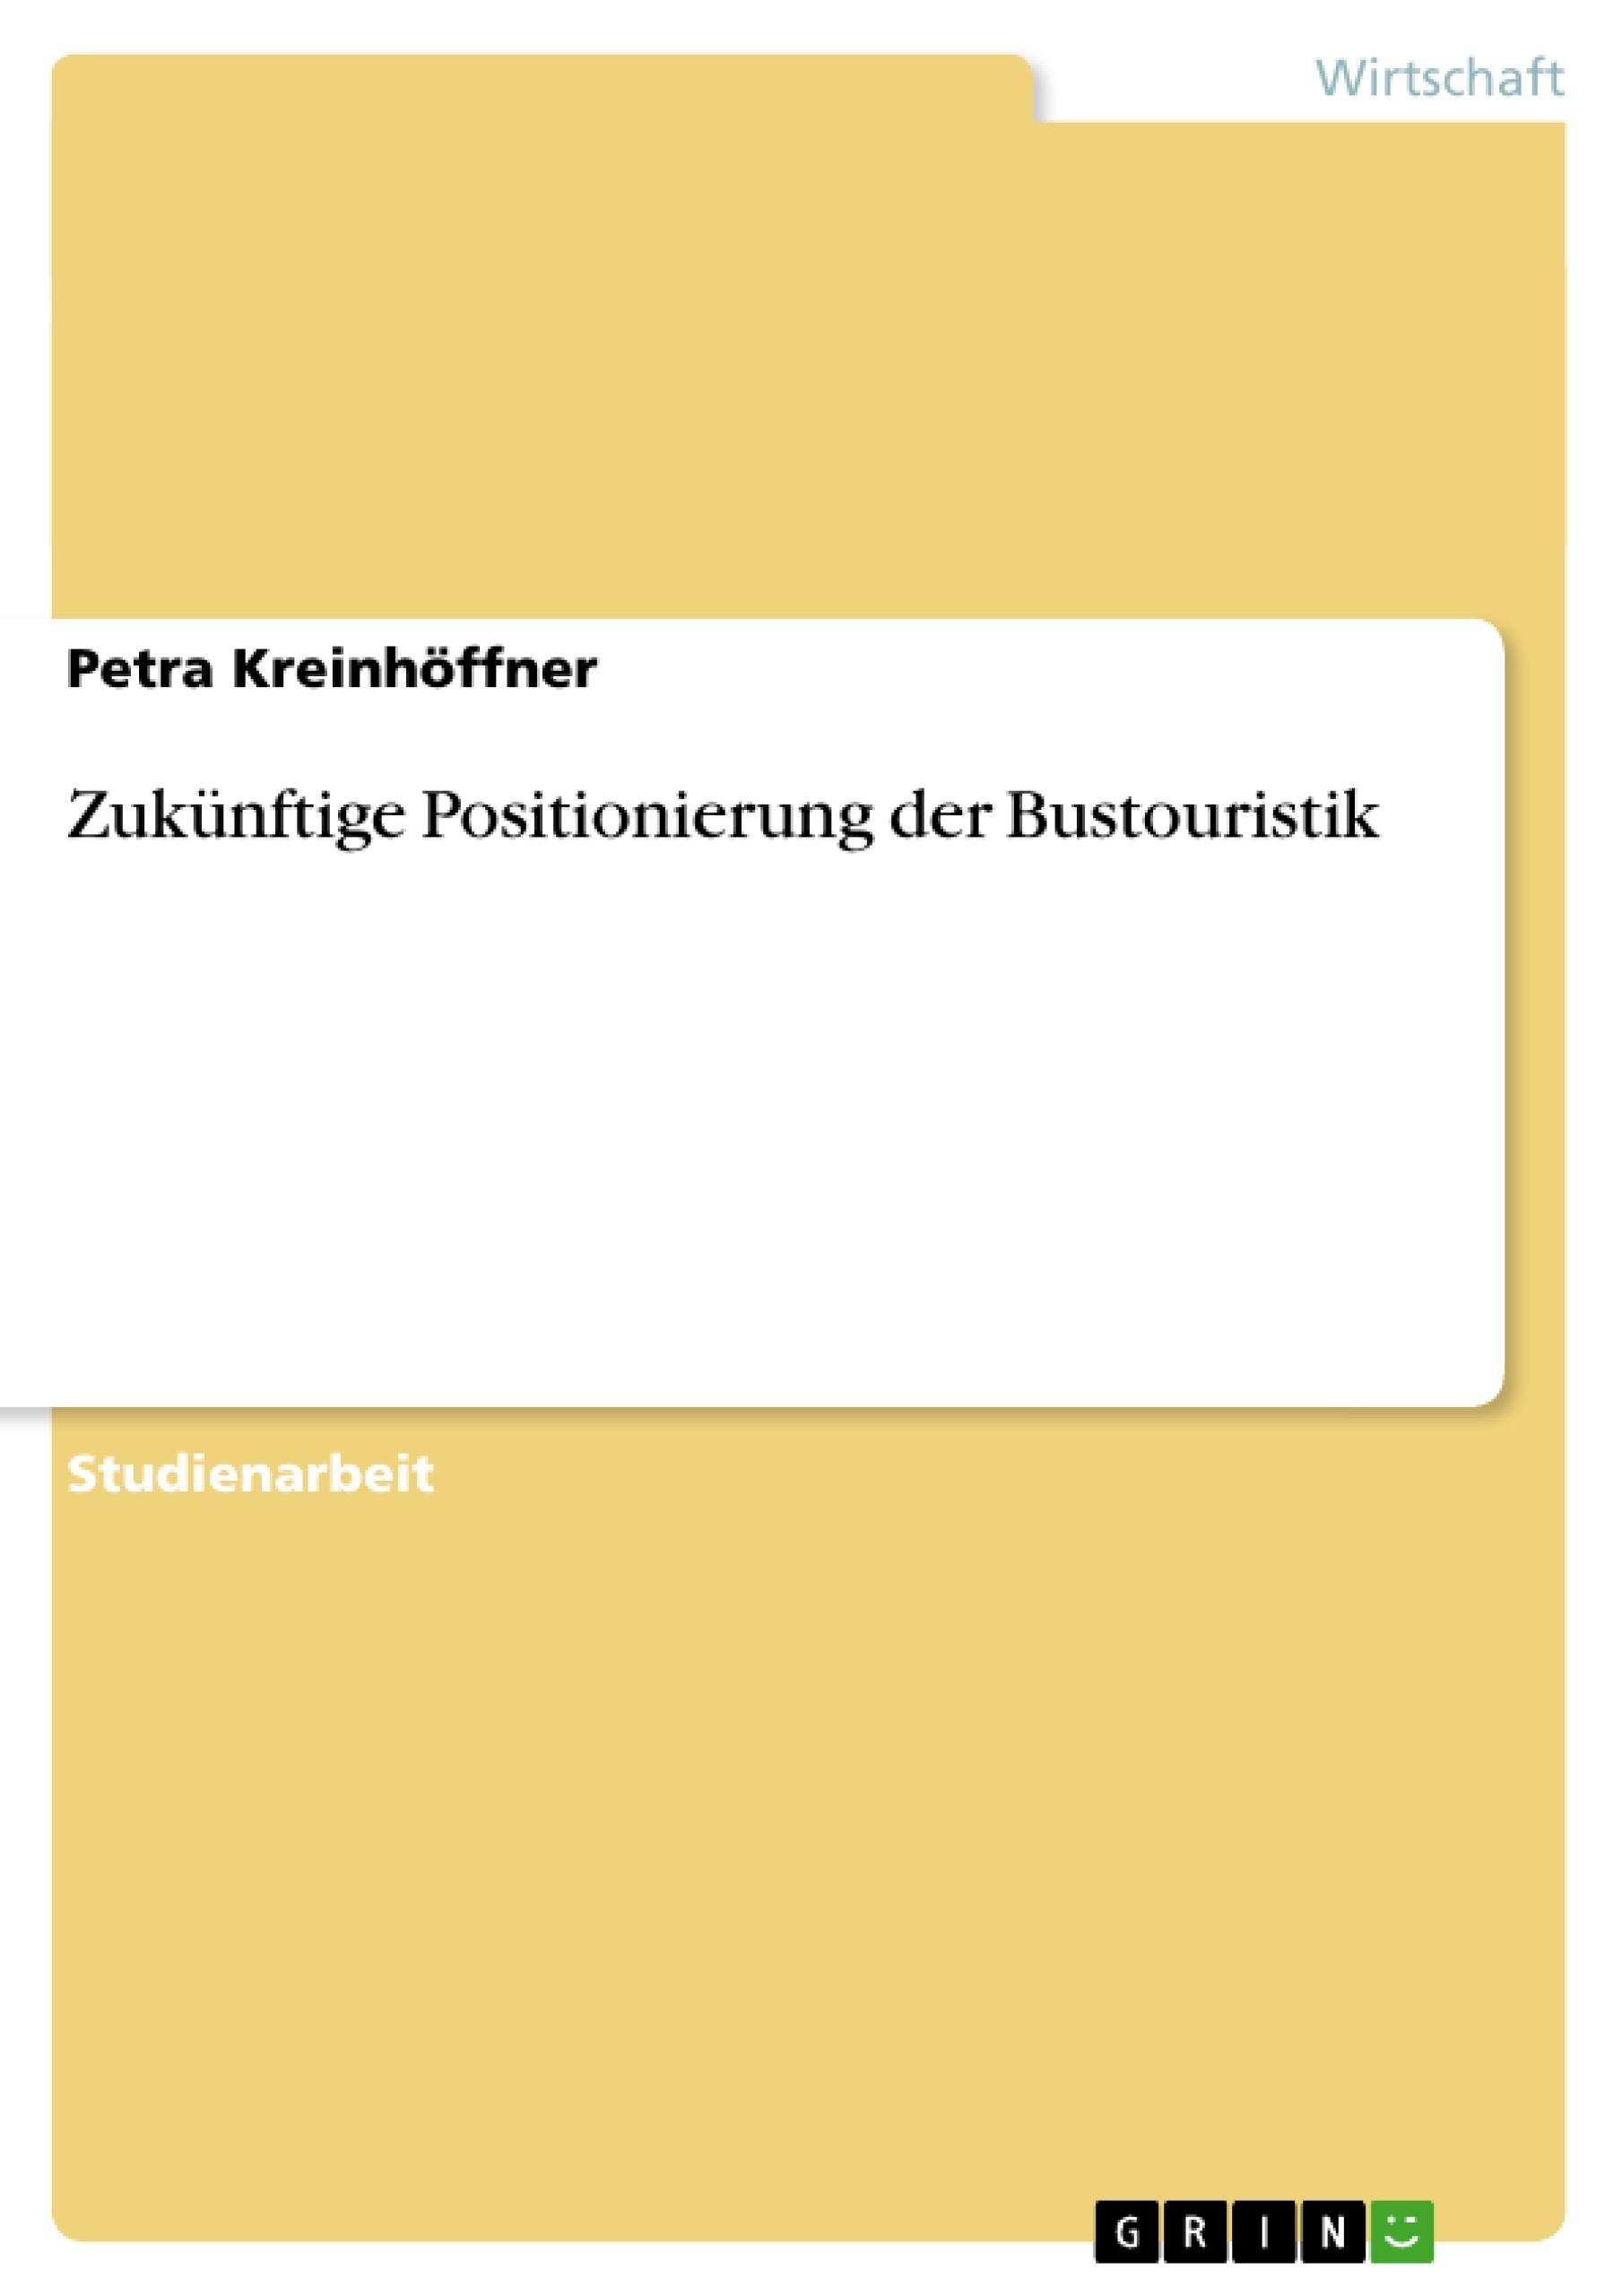 Titel: Zukünftige Positionierung der Bustouristik